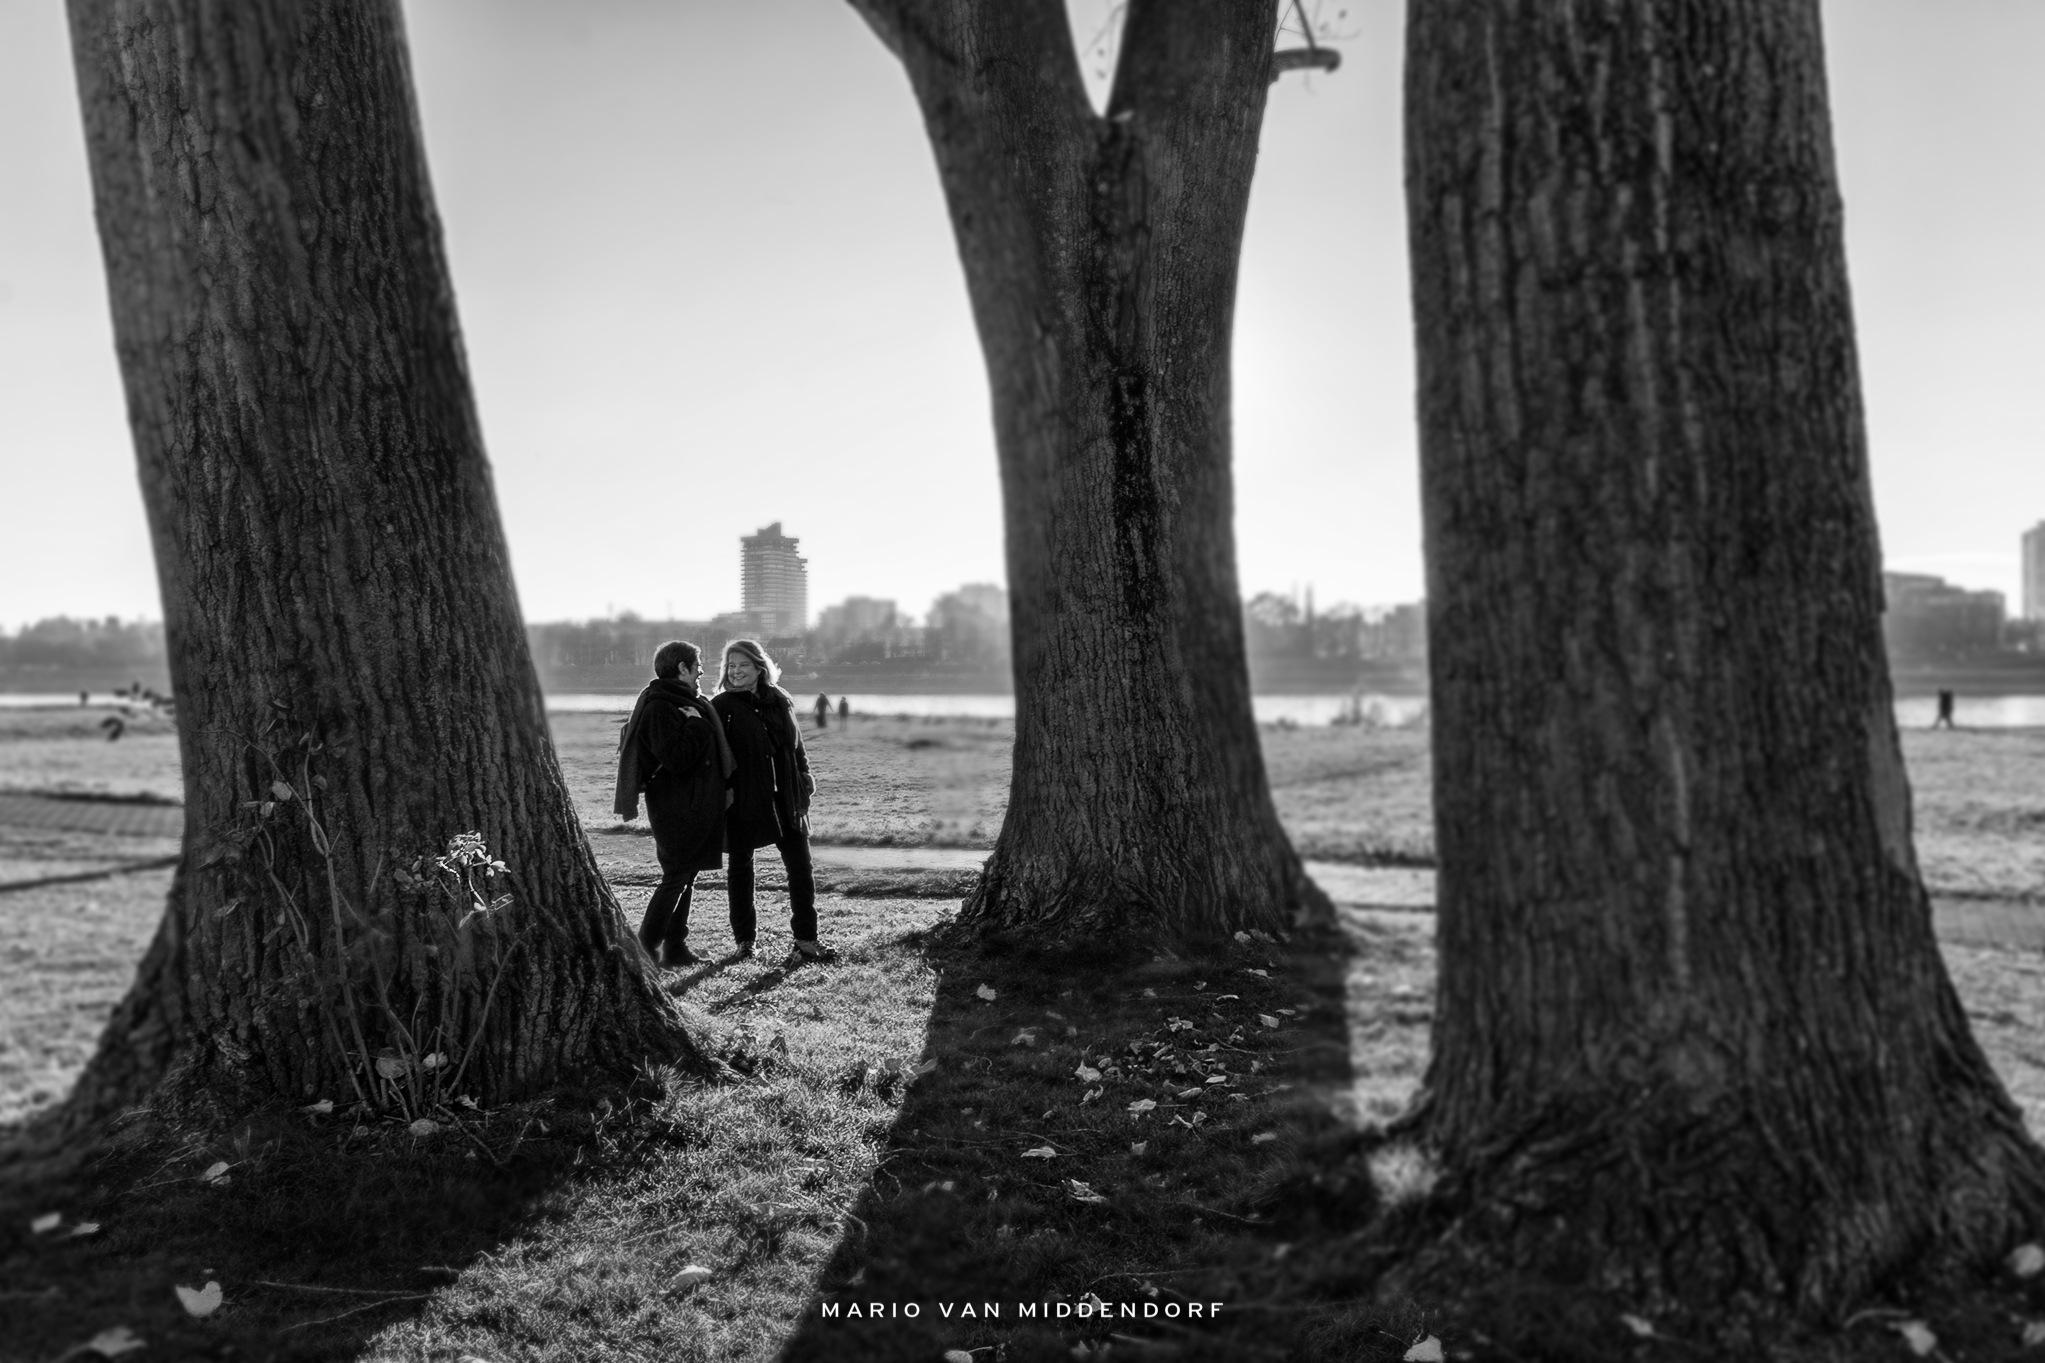 Girlfriends by Mario van Middendorf